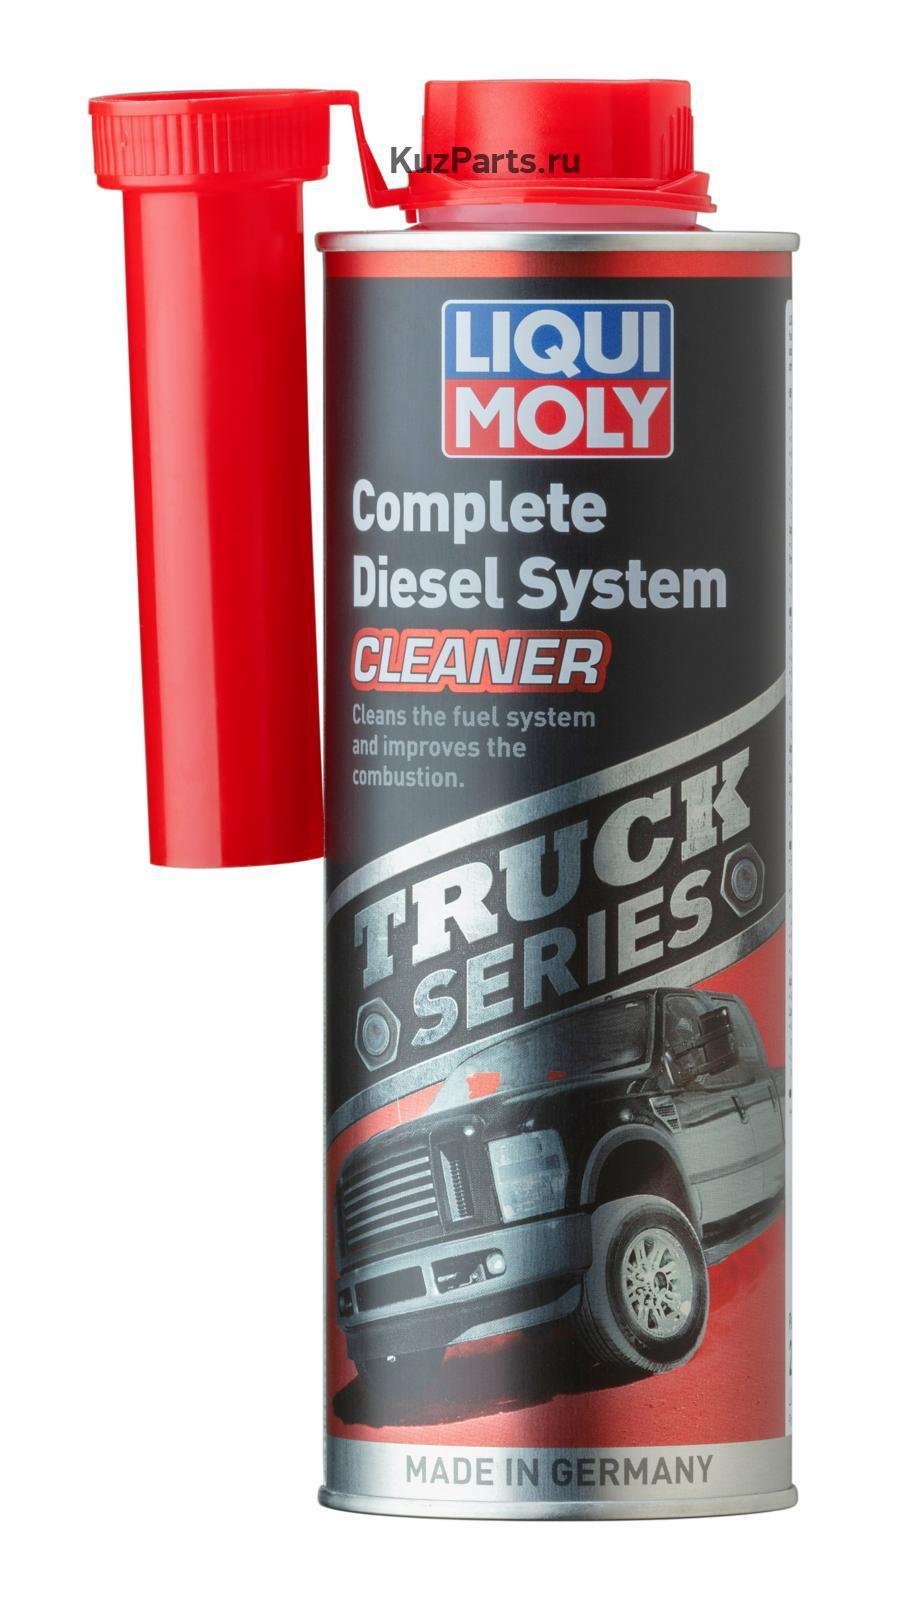 Очиститель дизельных систем тяжелых внедорожников и пикапов Truck Series Complete Diesel System Cleaner 0,5л